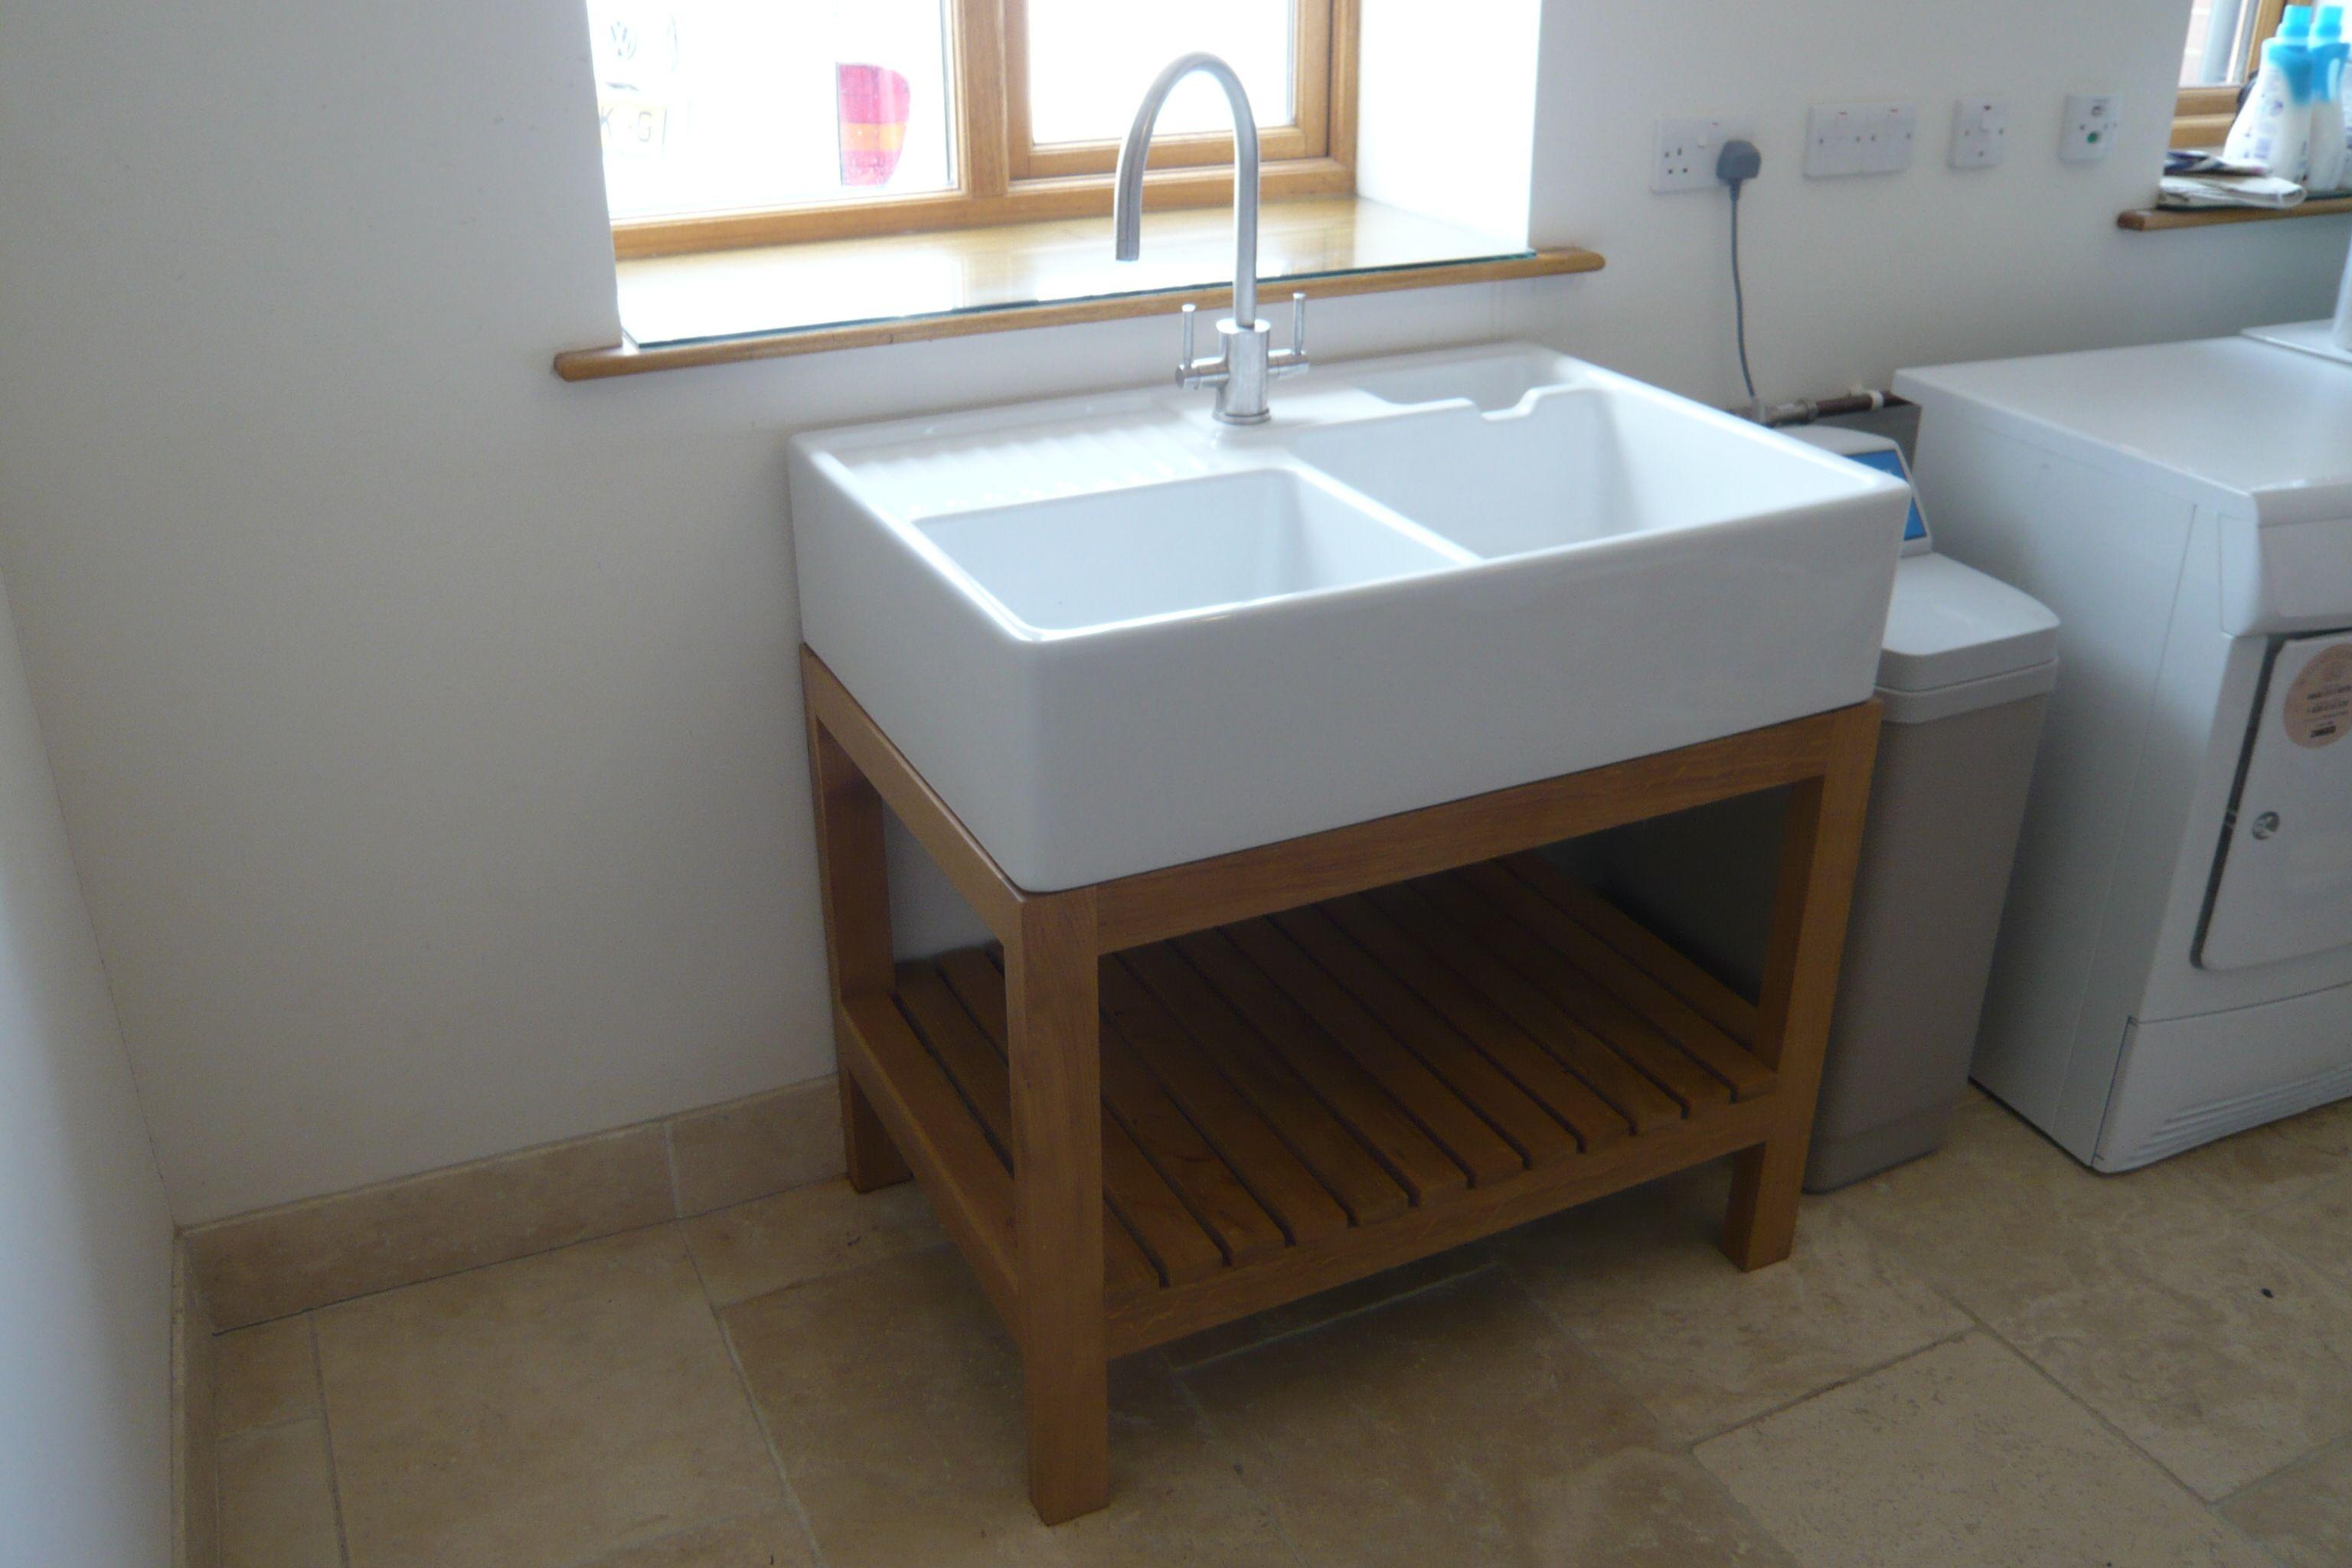 Belfast Sink Stand Katie Laundry Butler Sink Kitchen